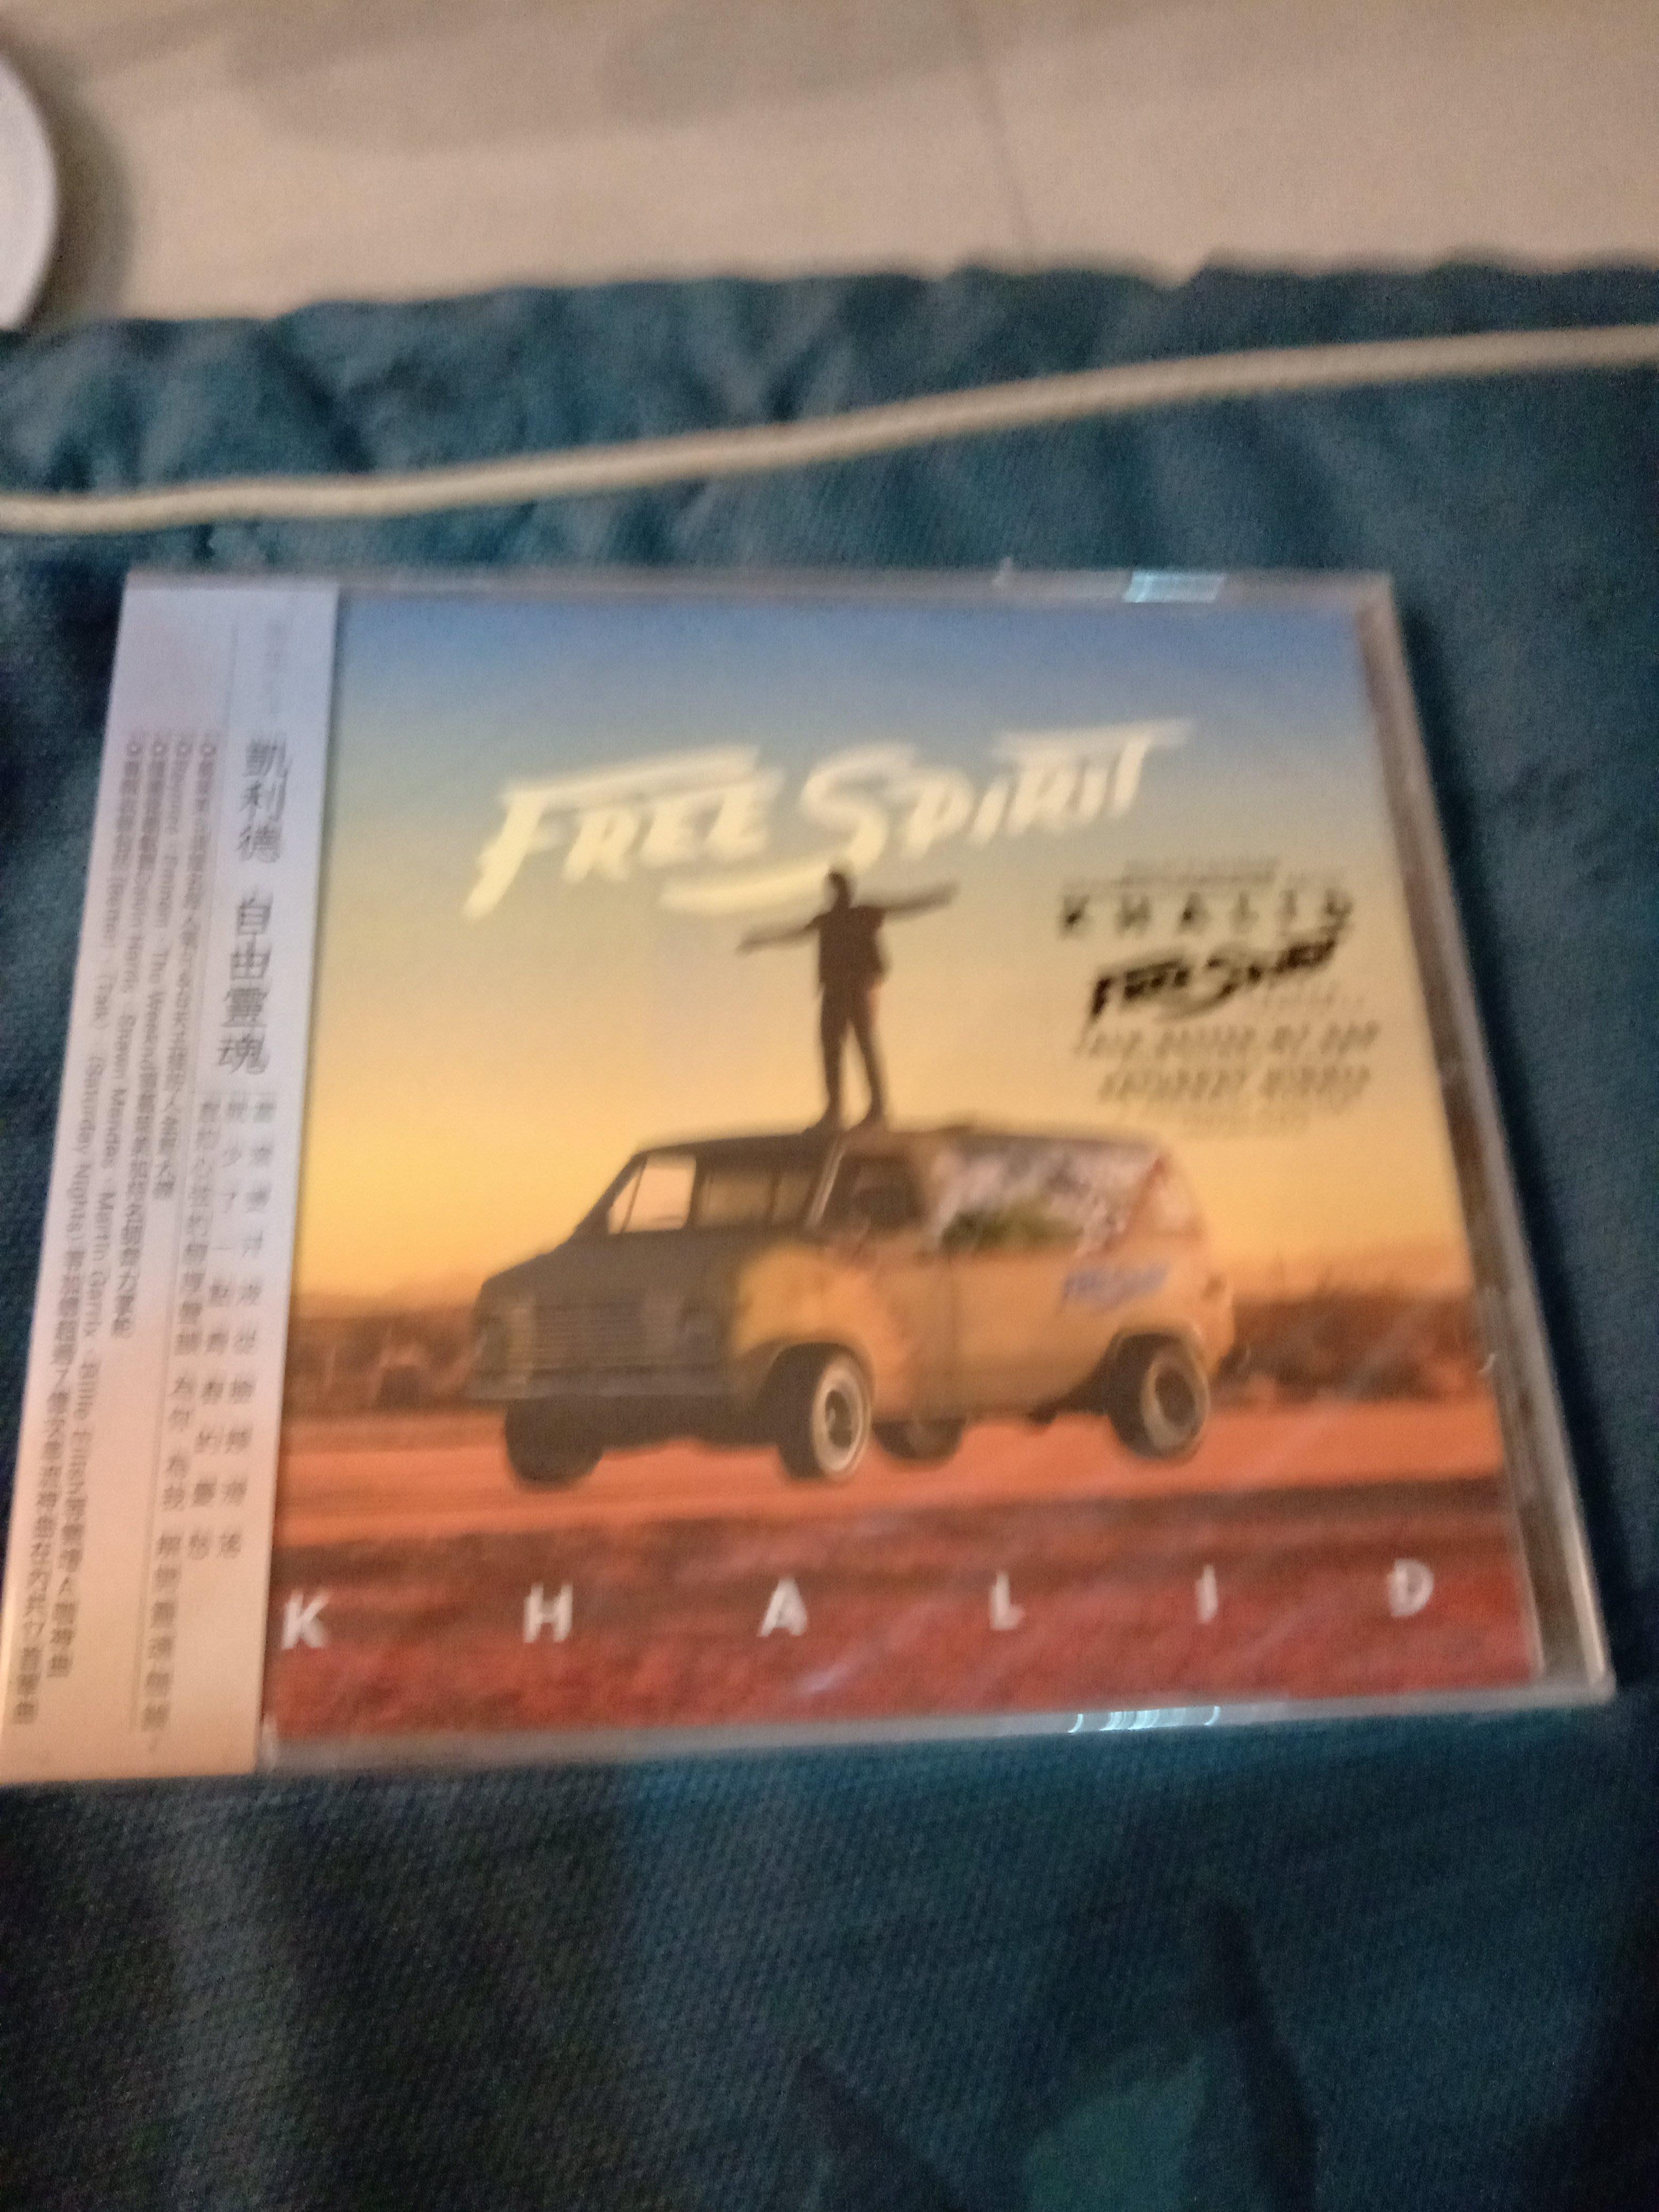 Khalid 凱利德  Free Spirit 自由靈魂  專輯CD  全新